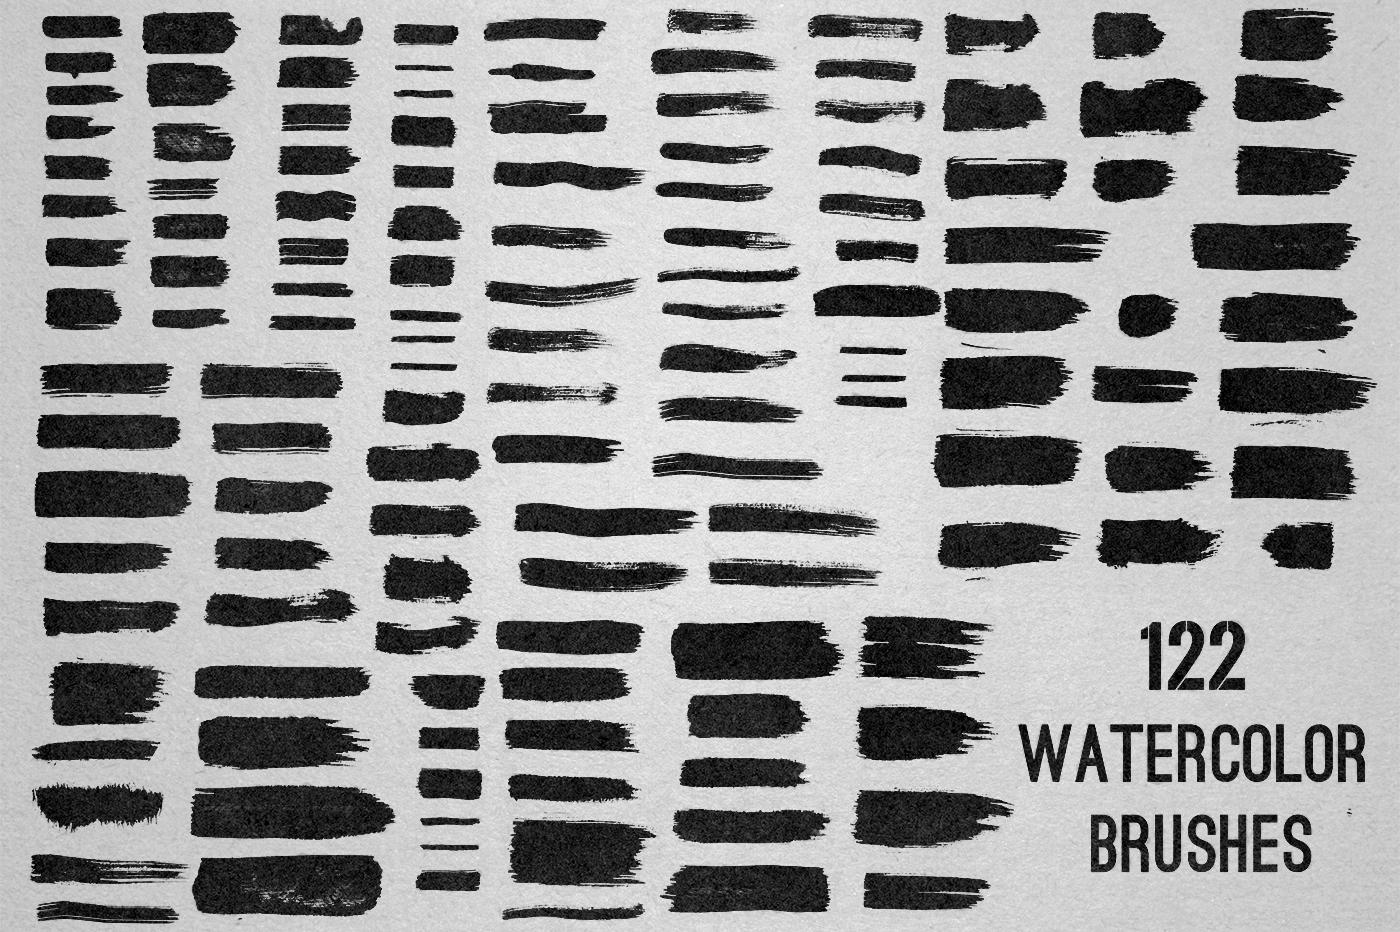 122 Watercolor Strokes example image 2